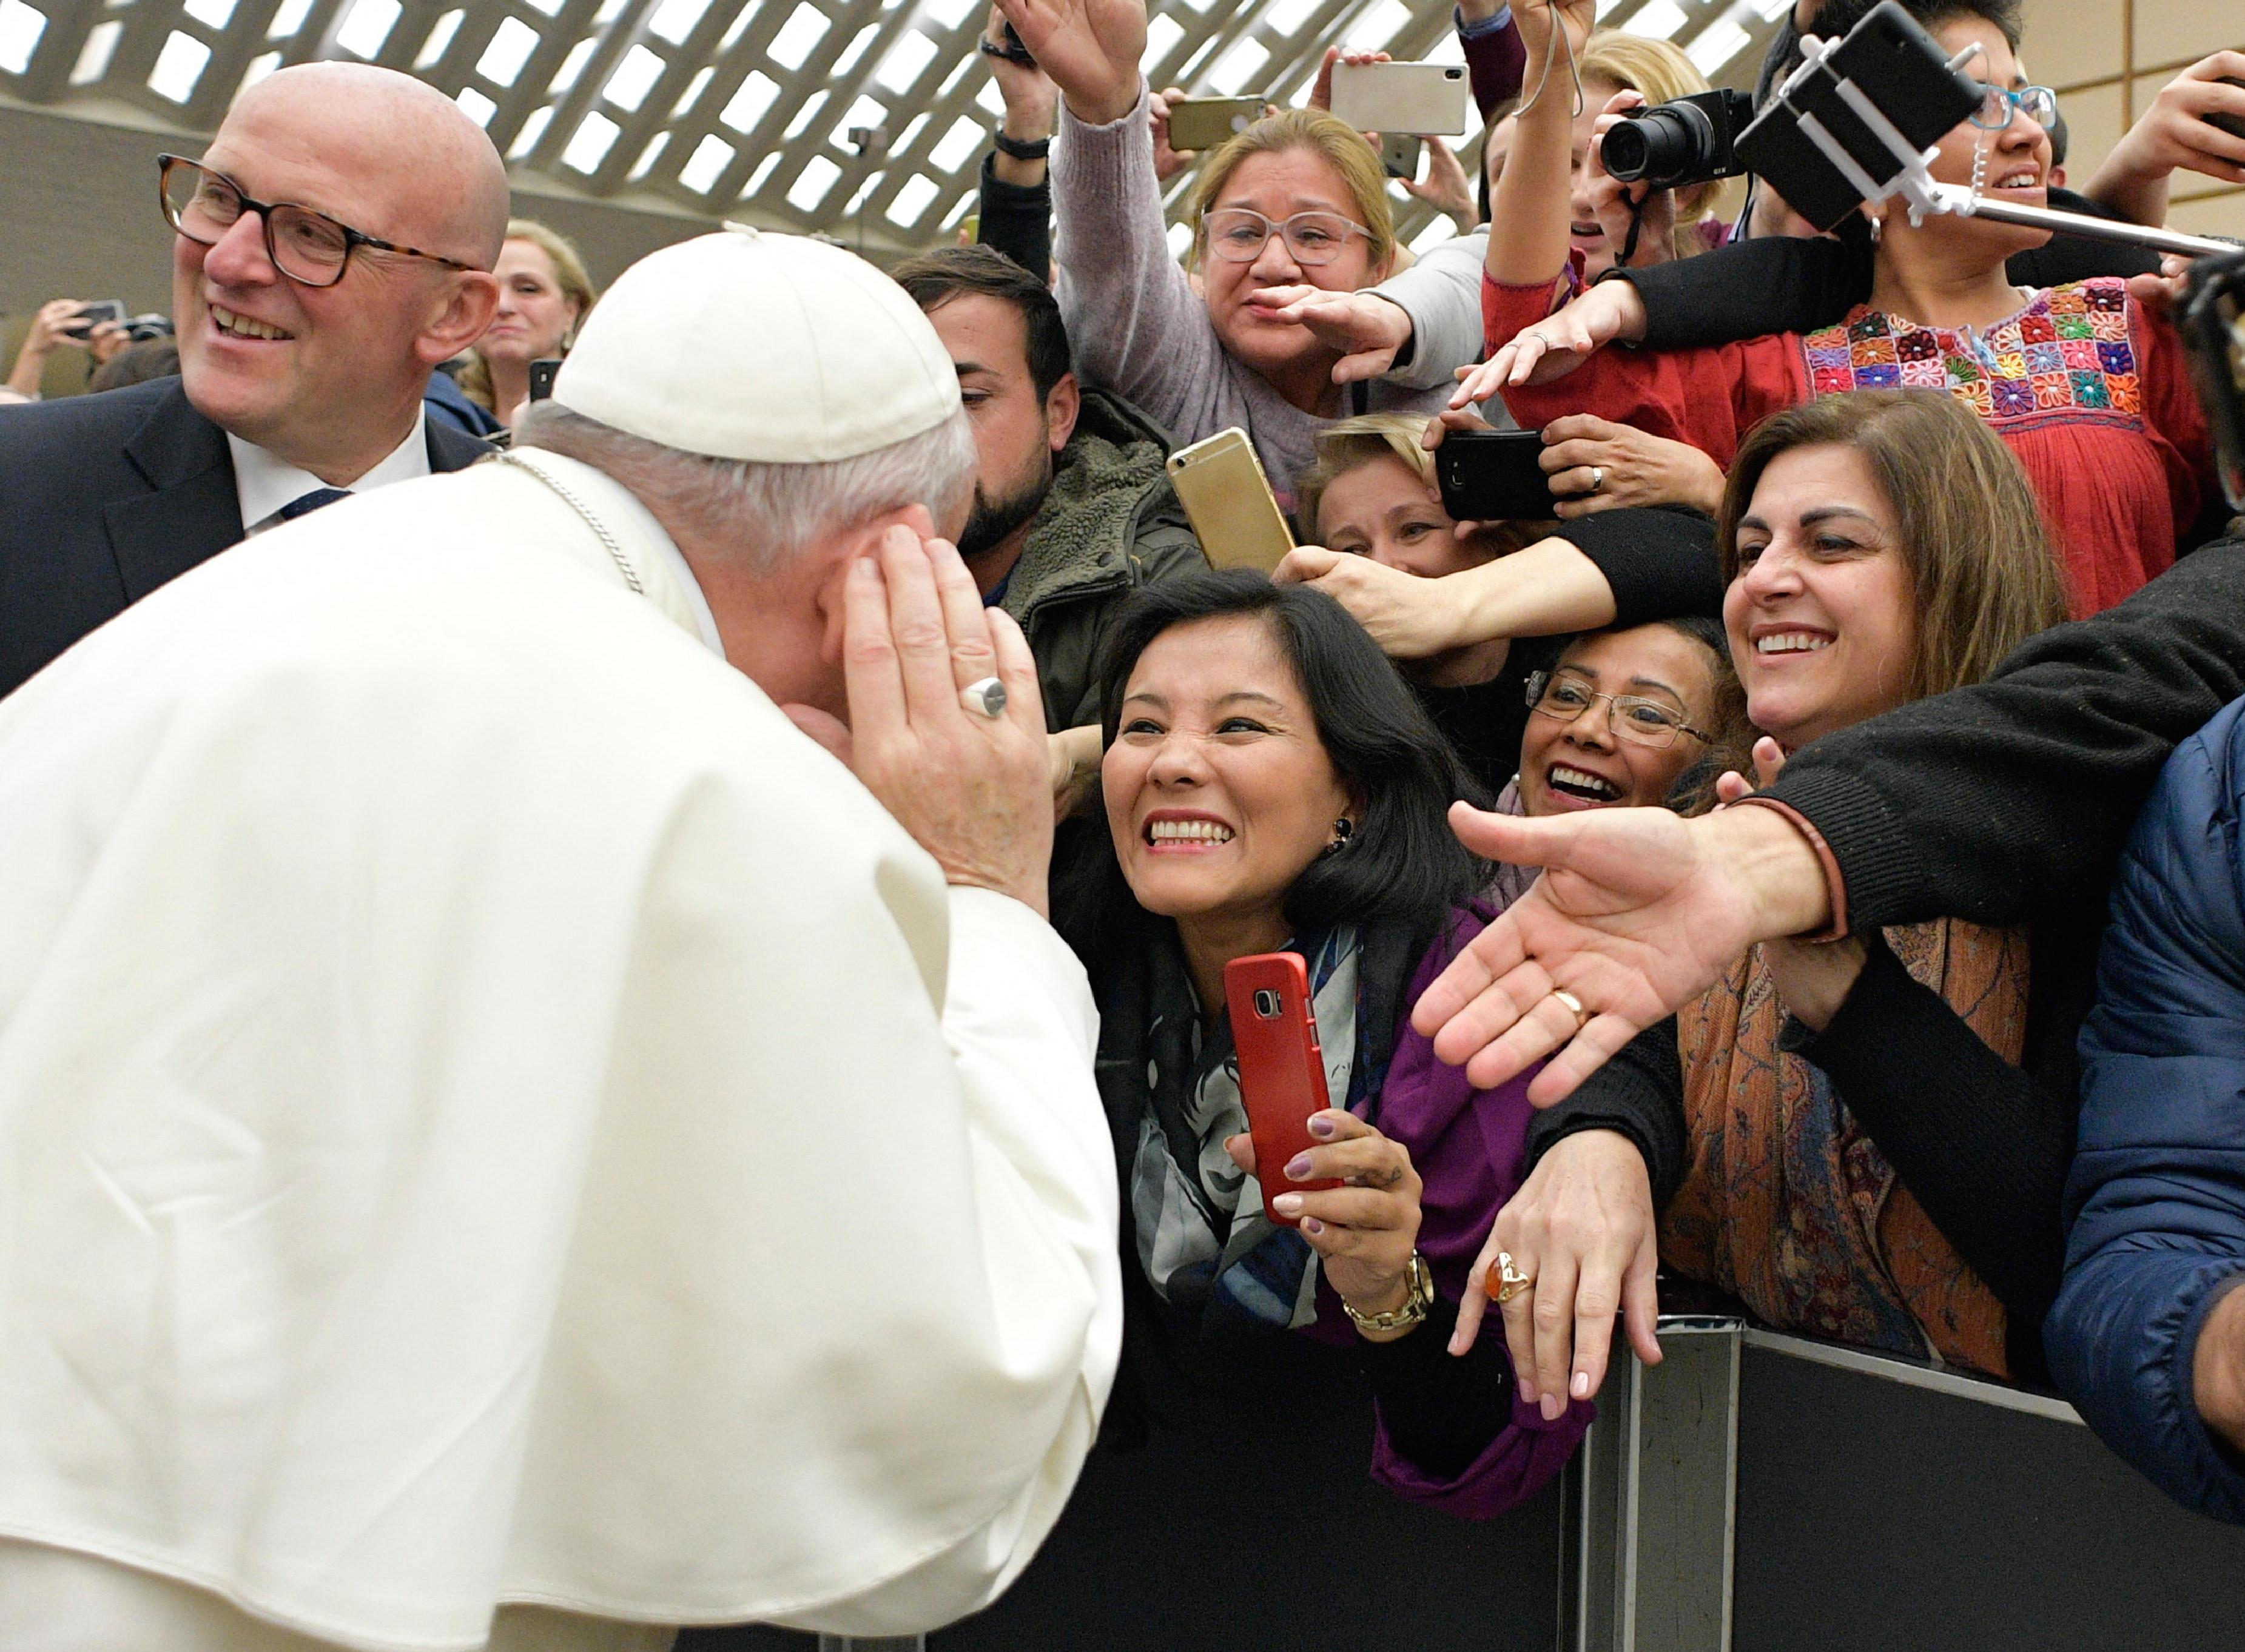 El Papa Francisco en la audiencia general © Vatican News